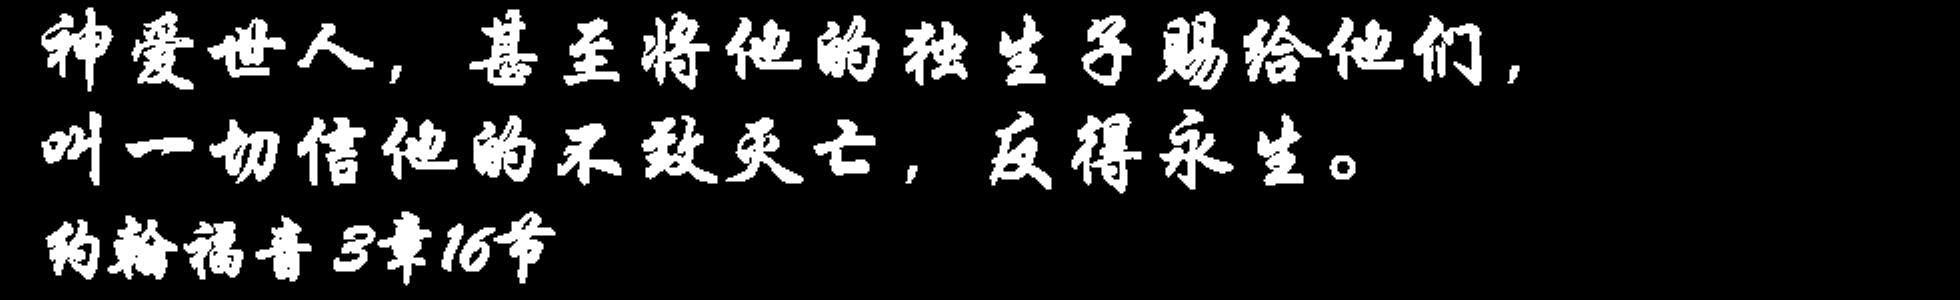 phrase-01-bicubic